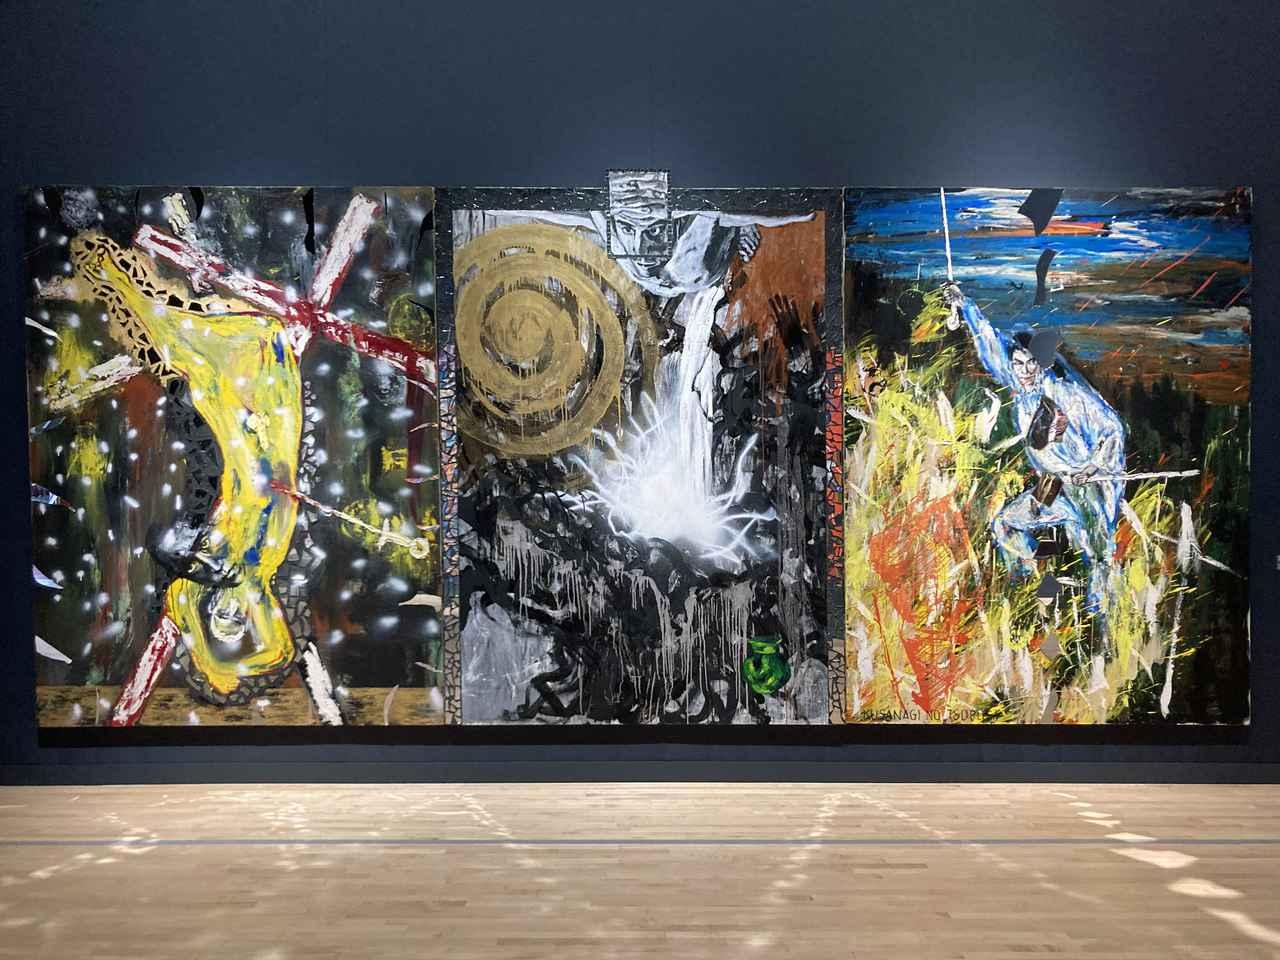 画像: 「神話の森へ」の会場風景より:左:《男の死》 1985年 横尾忠則現代美術館、中:《滝壺》 1985=87年 セゾン現代美術館、右:《Kusanagi No Tsurugi》 1985年 作家蔵(横尾忠則現代美術館寄託) photo©️saitomoichi